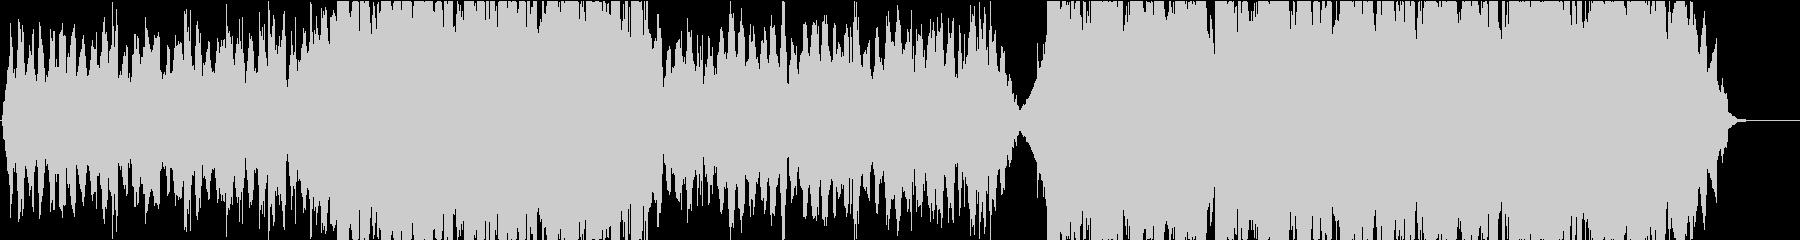 ヒップホップ、チルアウト、ラウンジの未再生の波形